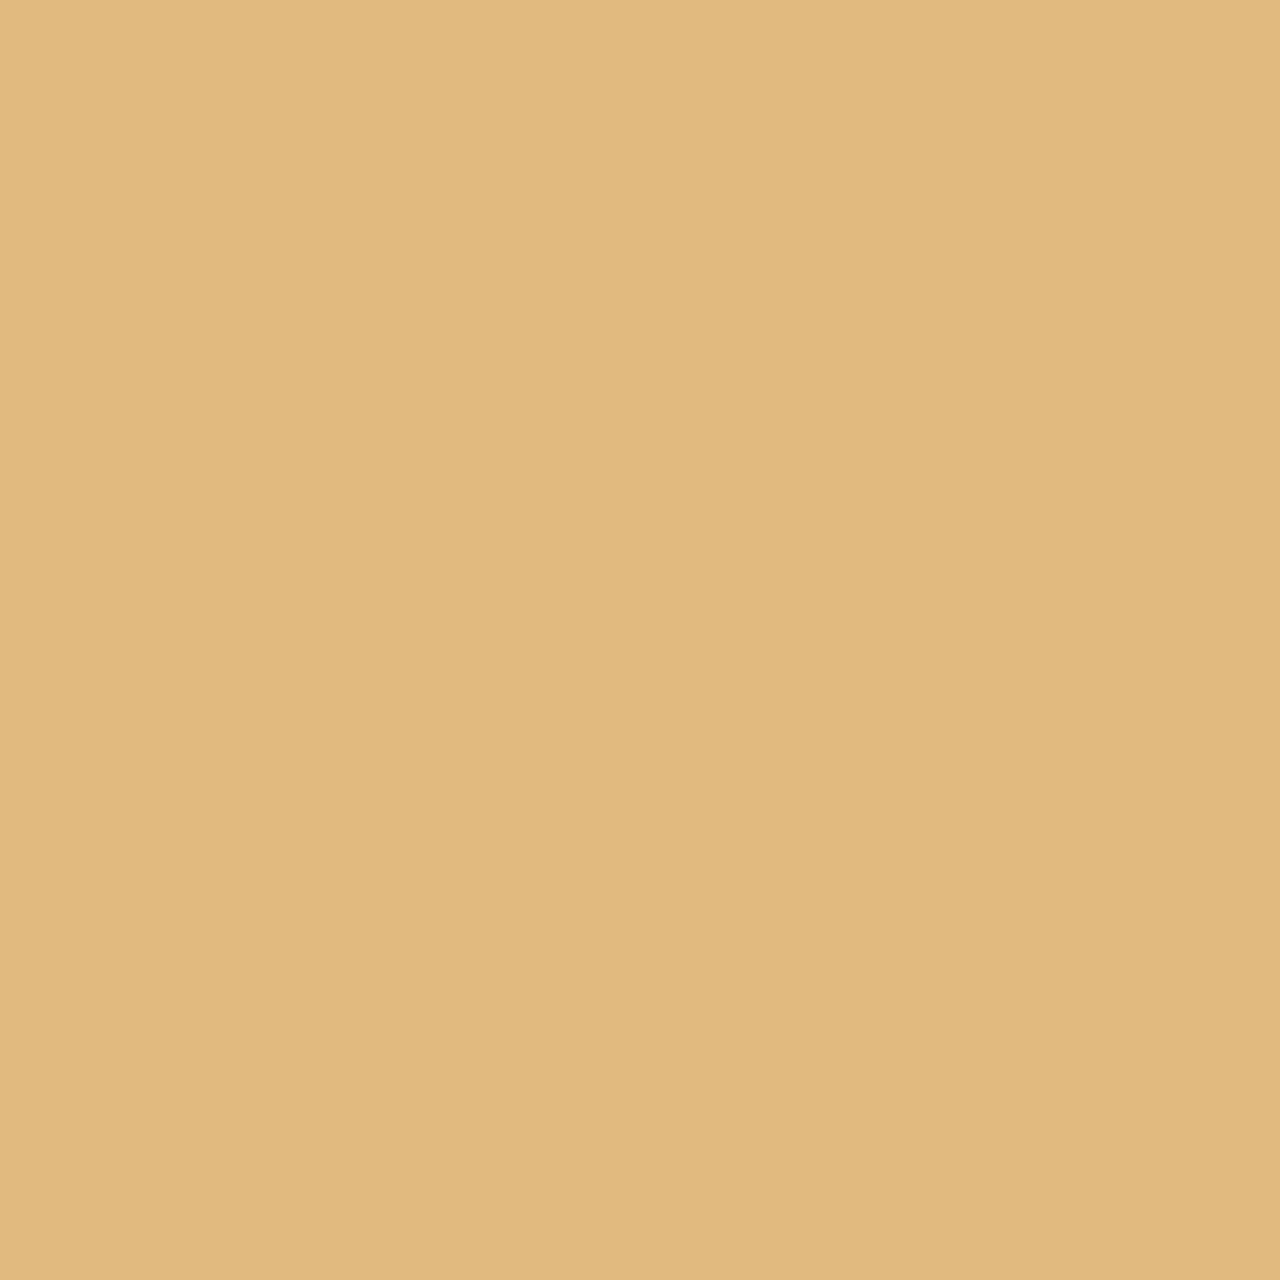 9071 Exclusiv